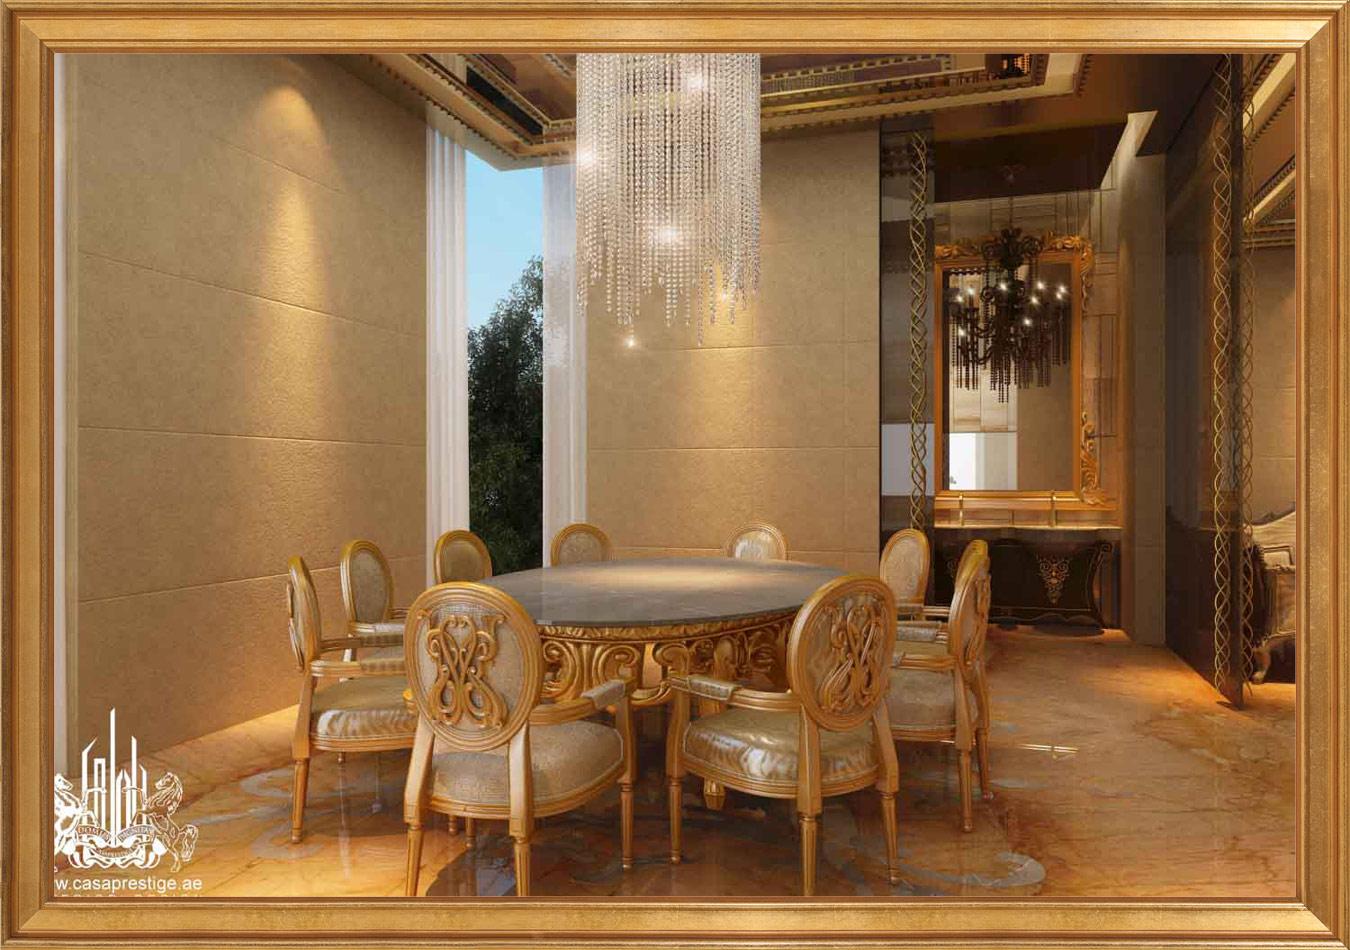 Unique home decor for your unique home - TCG